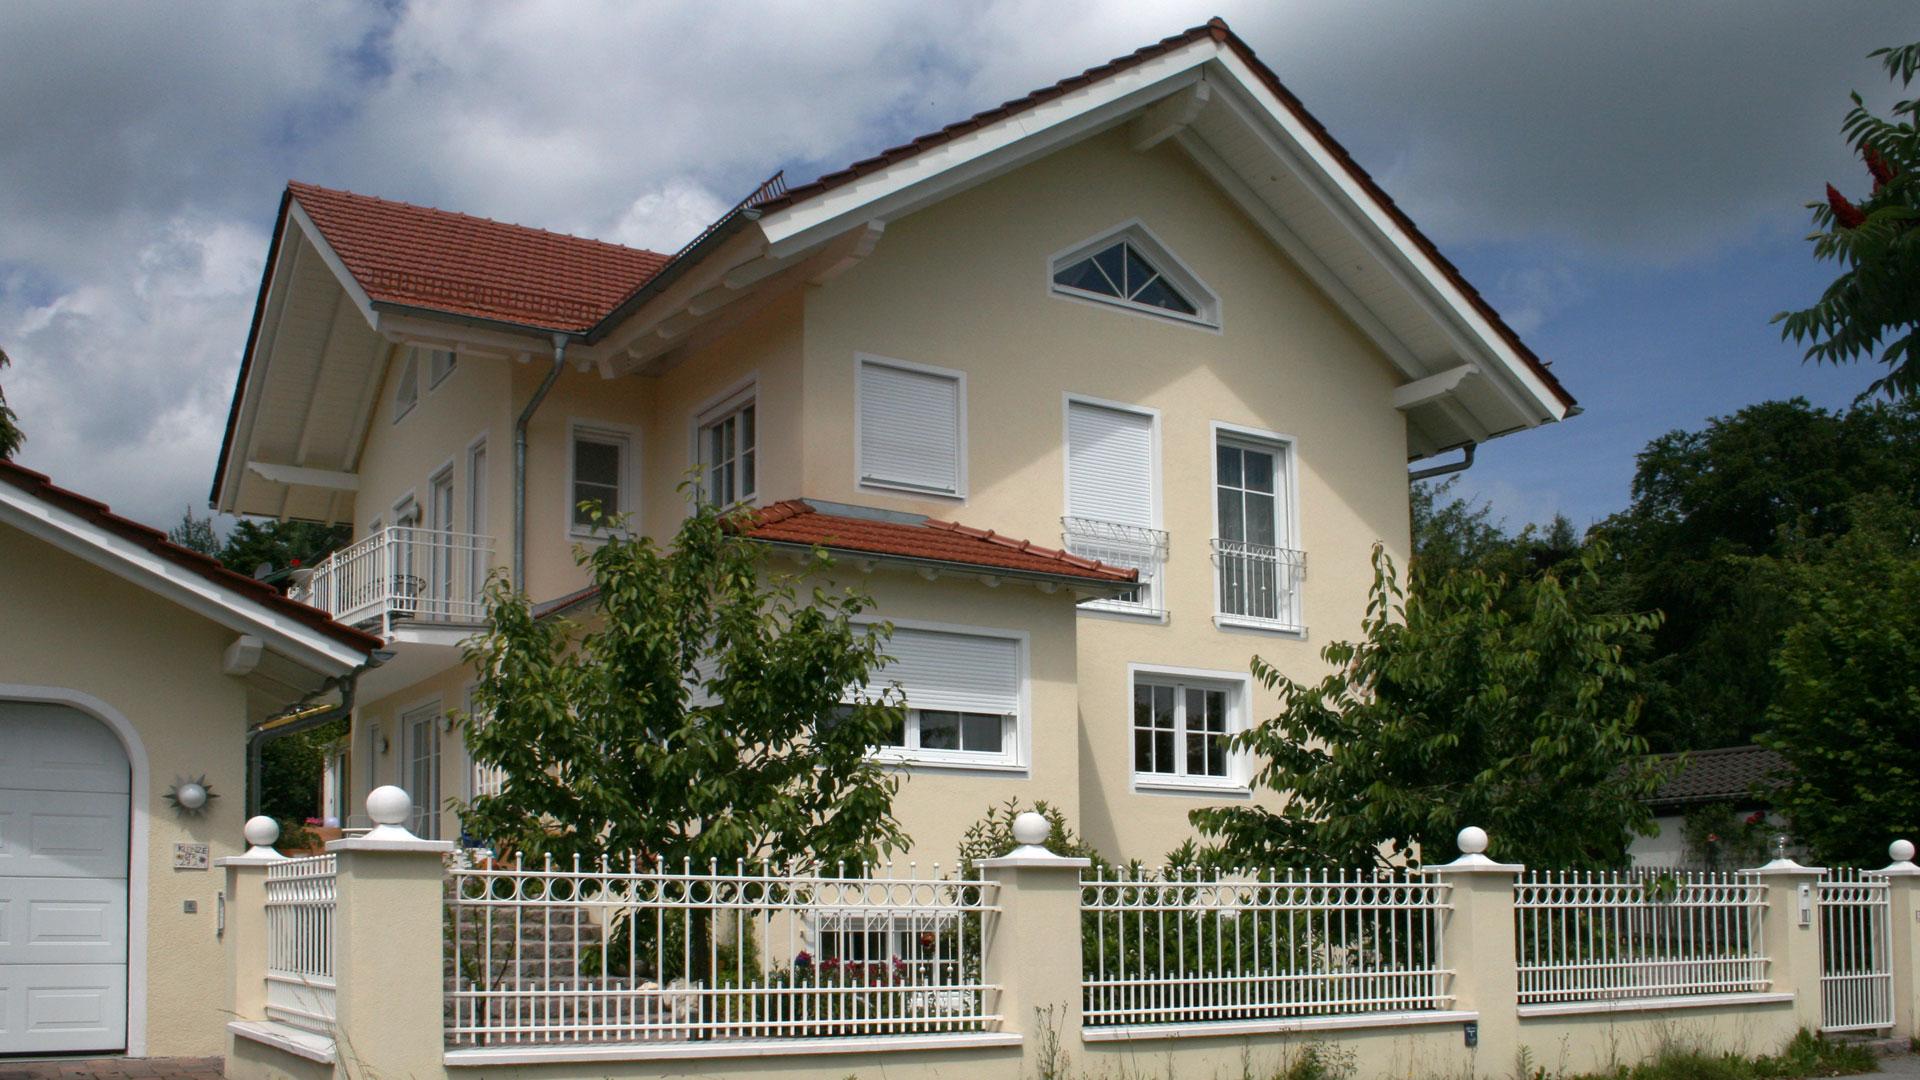 Einfamilienhaus, Tutzing